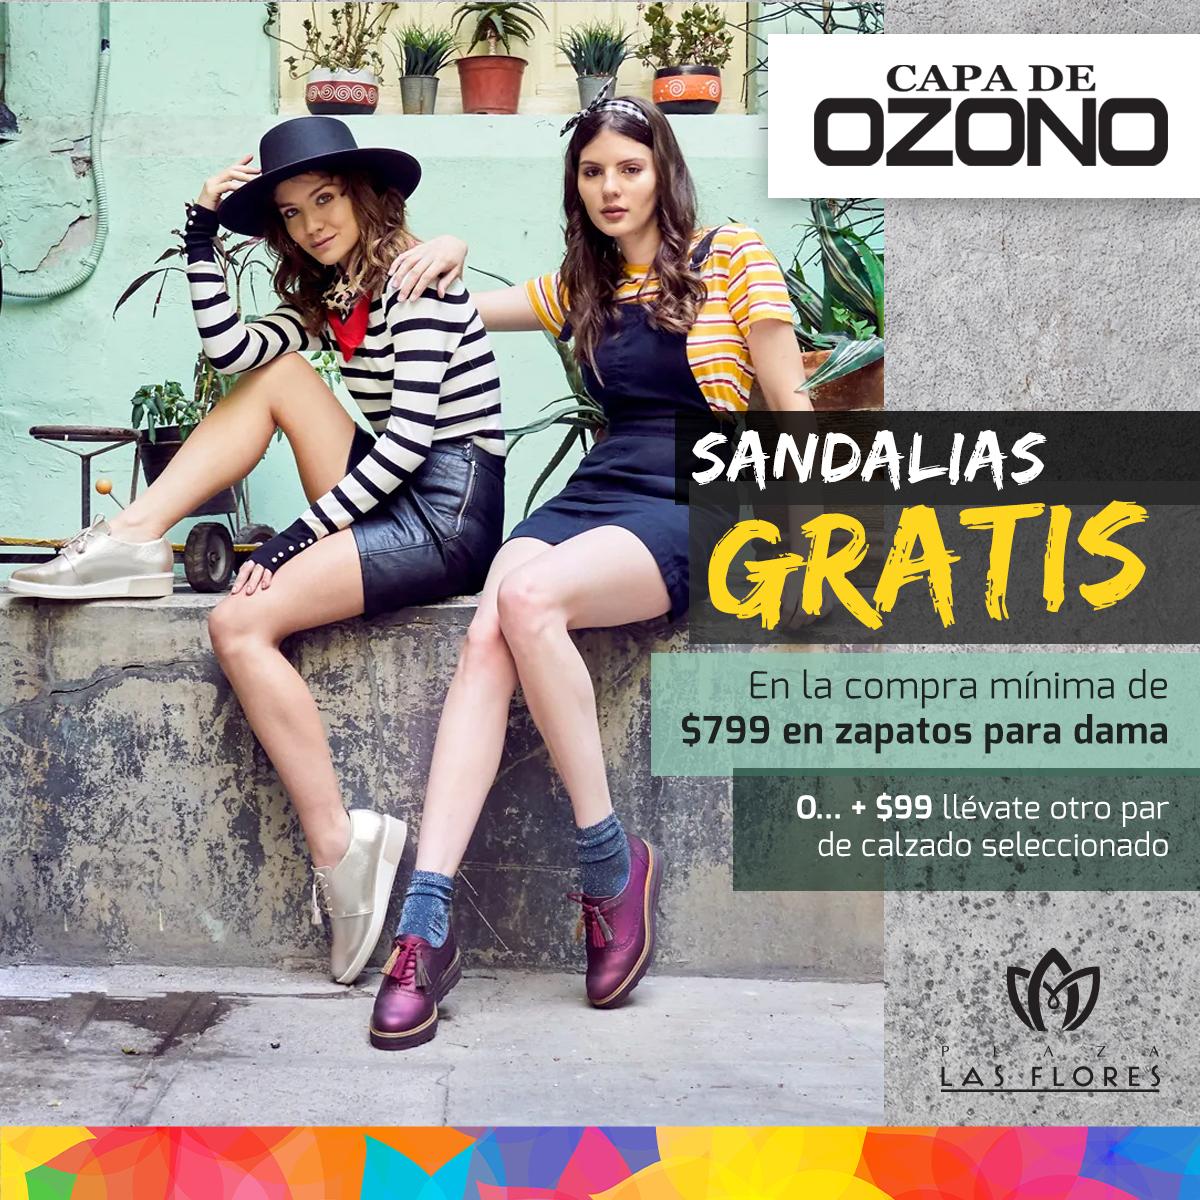 LasFlores-Ofertas-CapaOzono copy